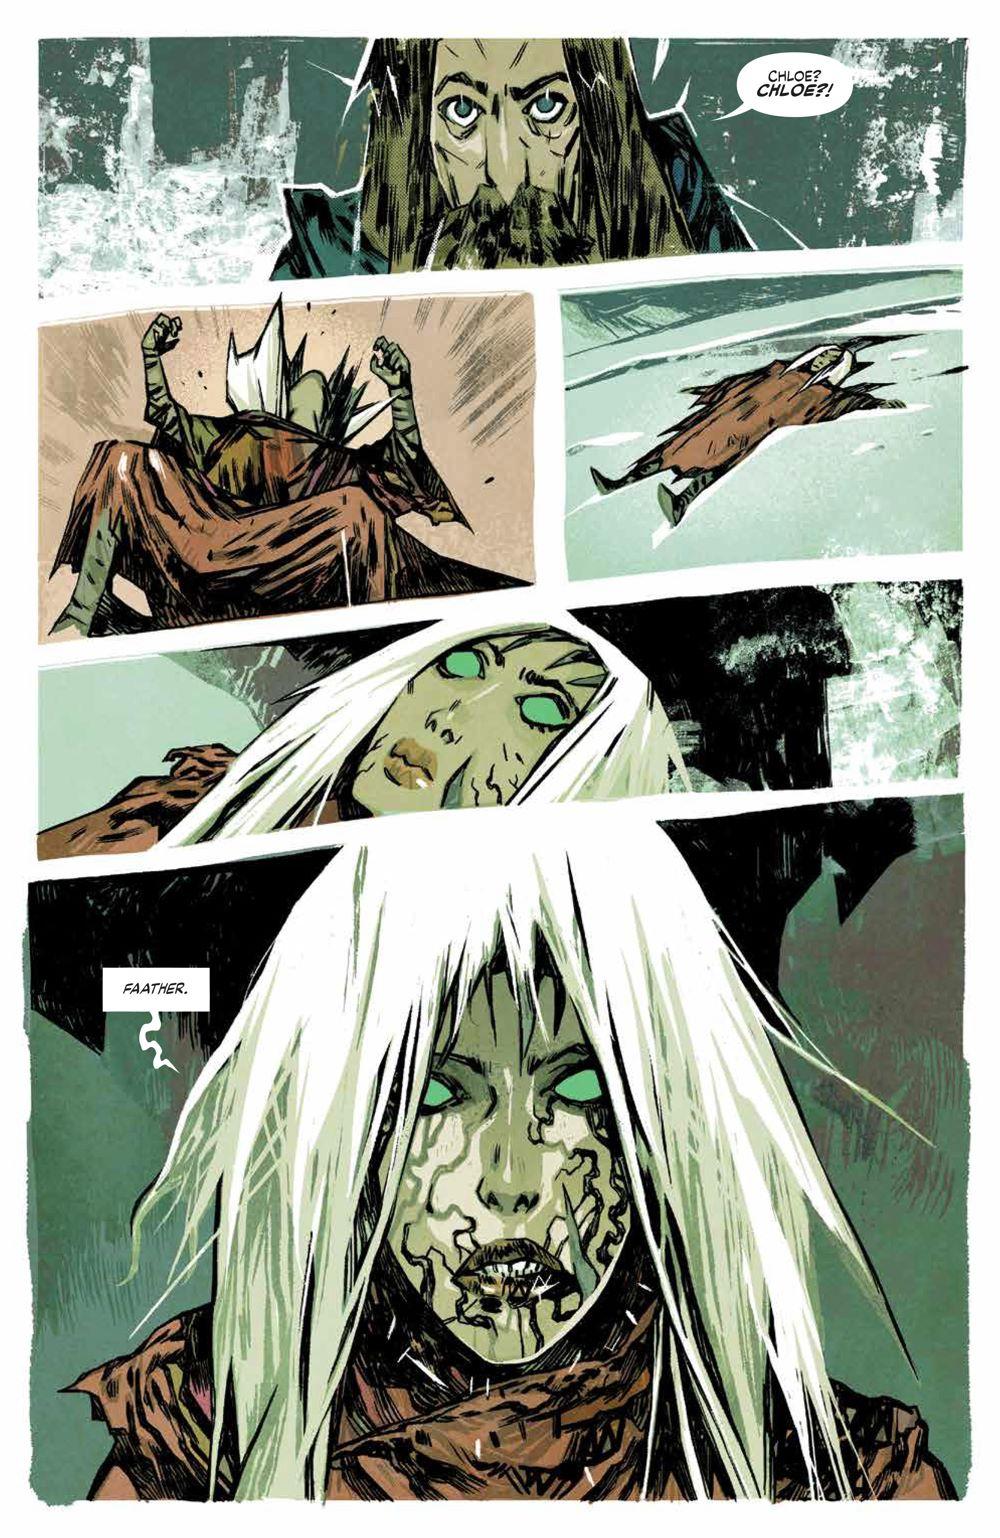 Origins_006_PRESS_3 ComicList Previews: ORIGINS #6 (OF 6)